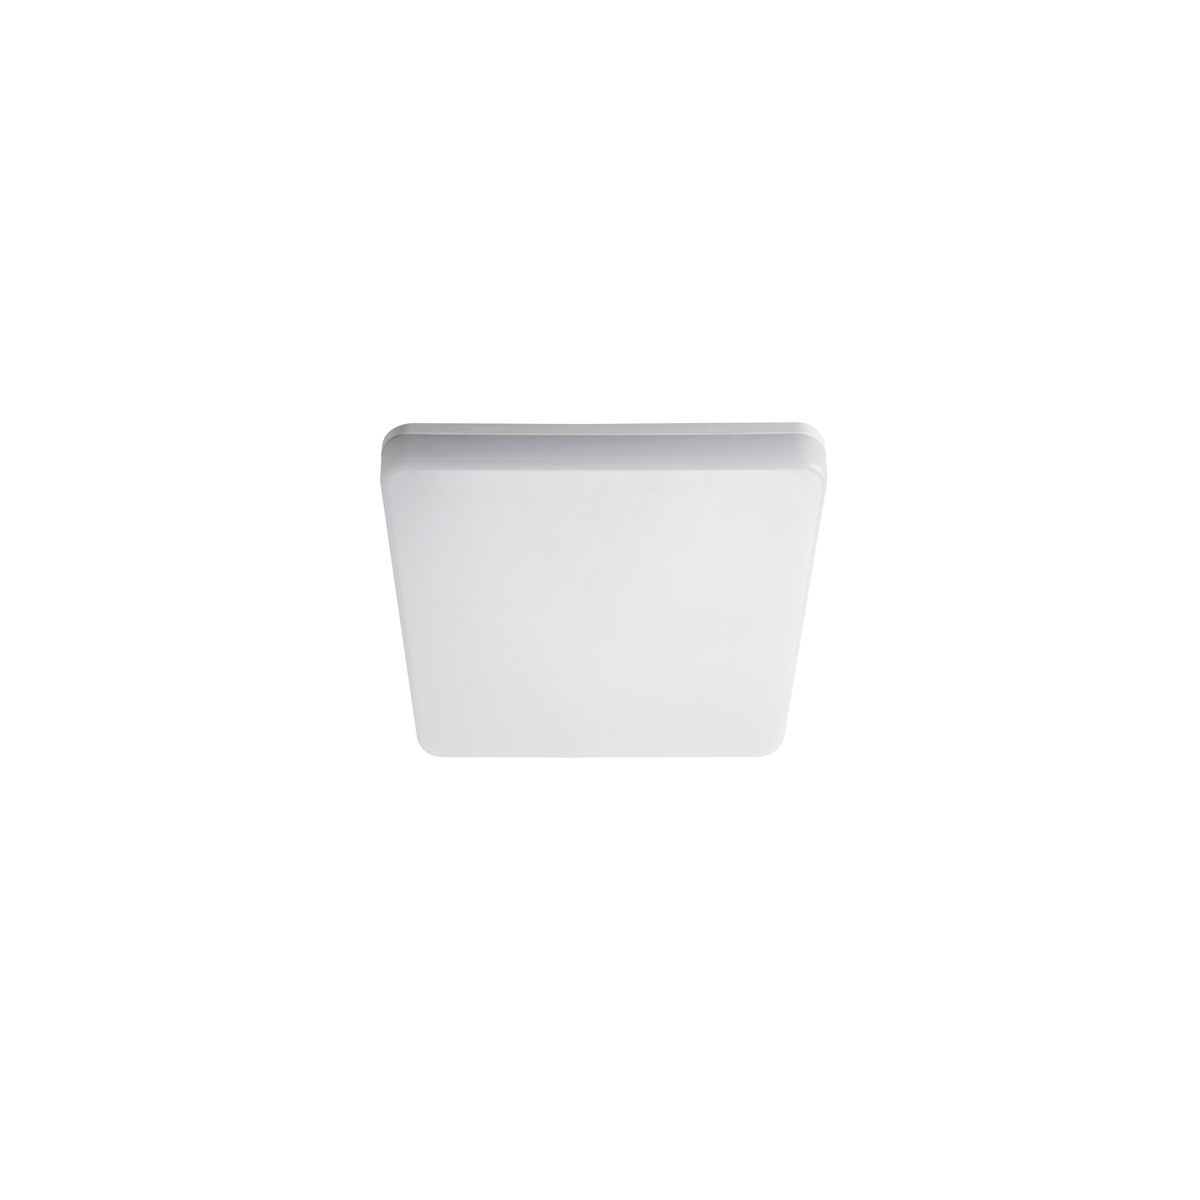 Plafony VARSO LED 18W - 24W kwadratowe